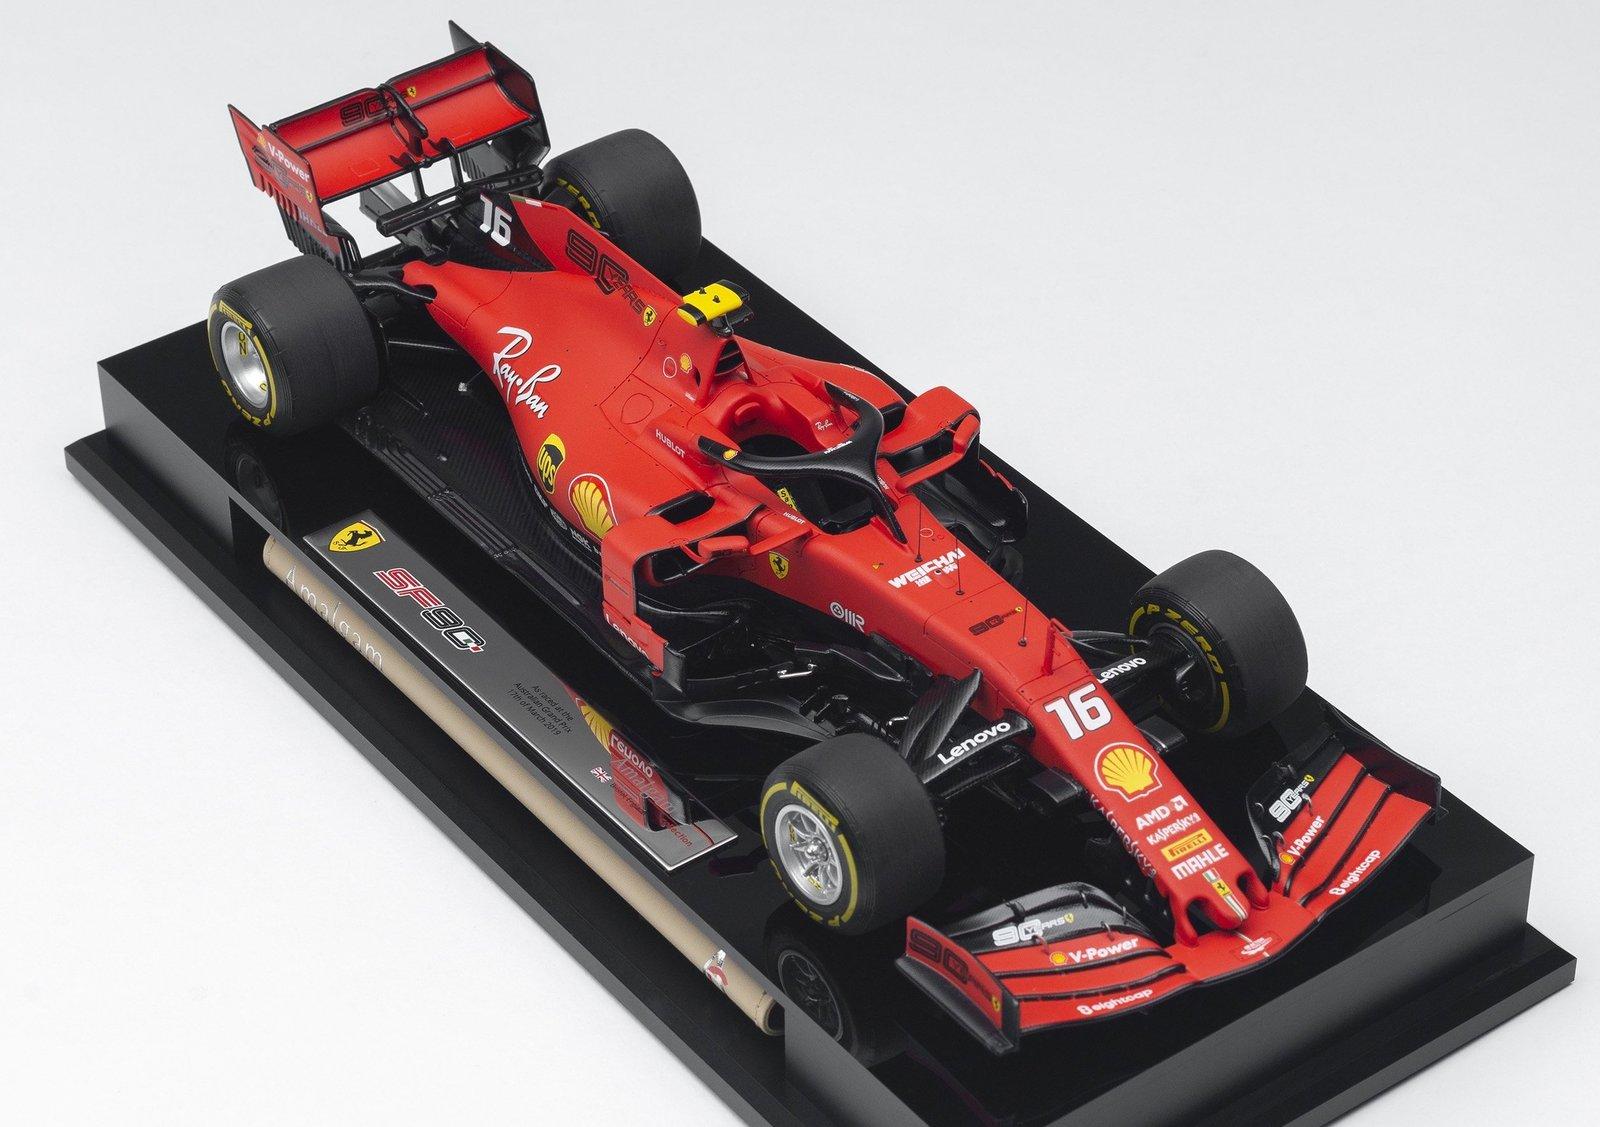 M6035-LEC-1_-_Ferrari_SF90_F1_1.18_Scale_Driver_16_Leclerc_-_On_Base_3.4_Higher_4000x2677_crop_center